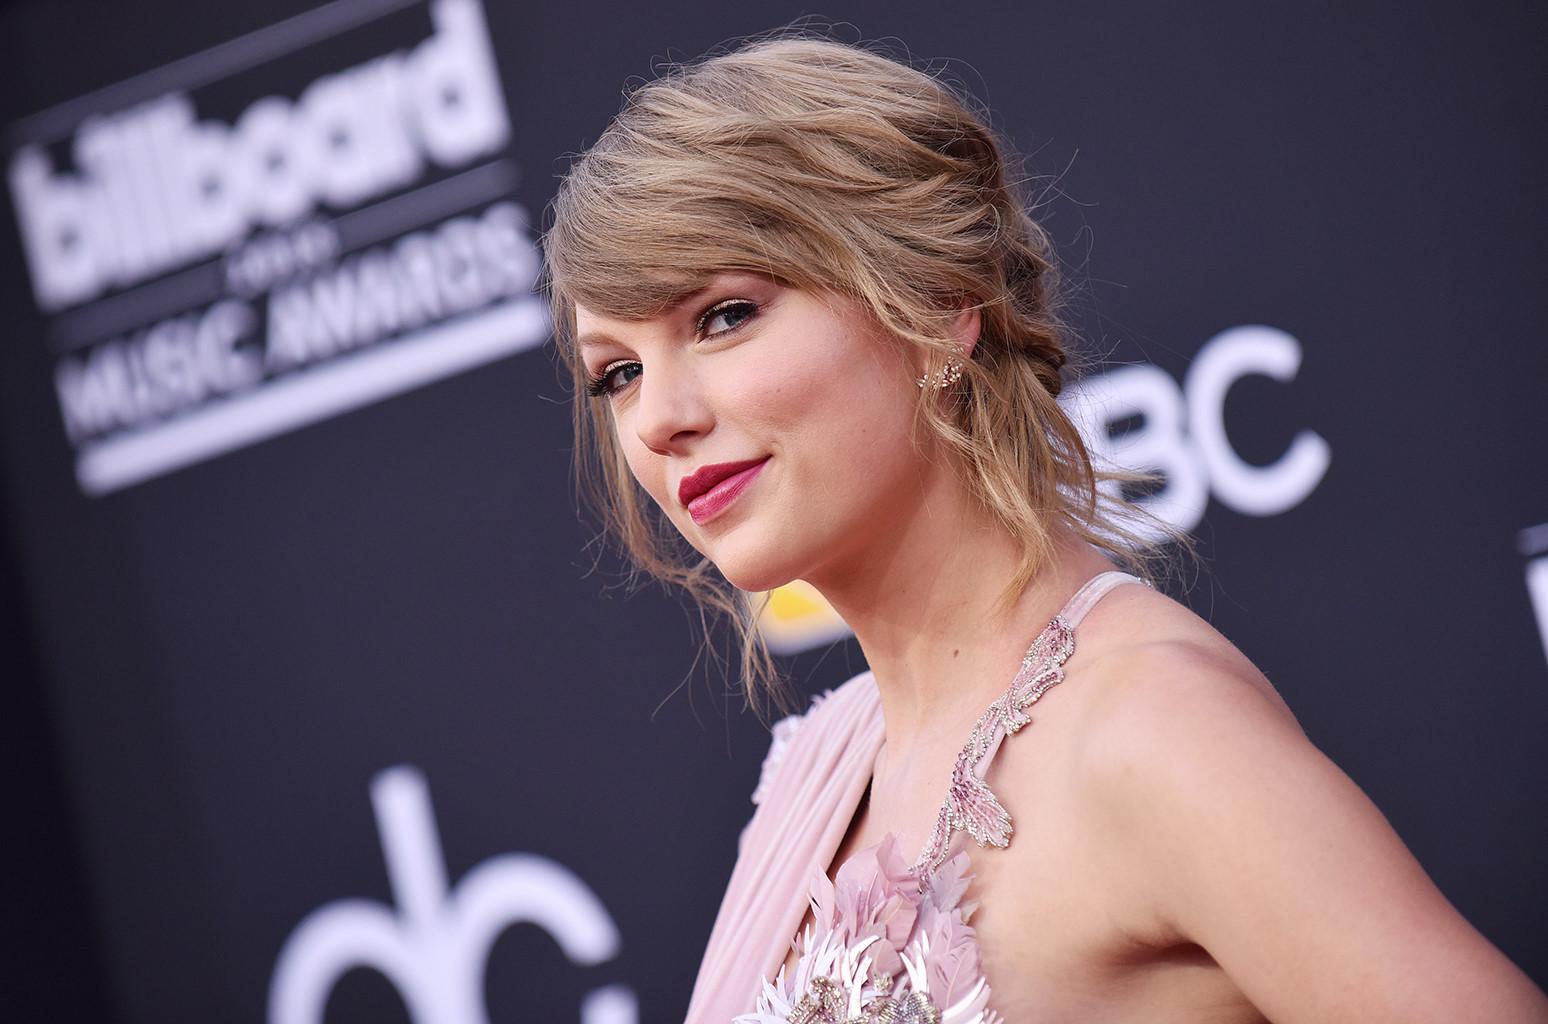 Taylor Swift tuyên bố ủng hộ đảng Dân chủ trong cuộc bầu cử Mỹ sắp tới Ảnh 1